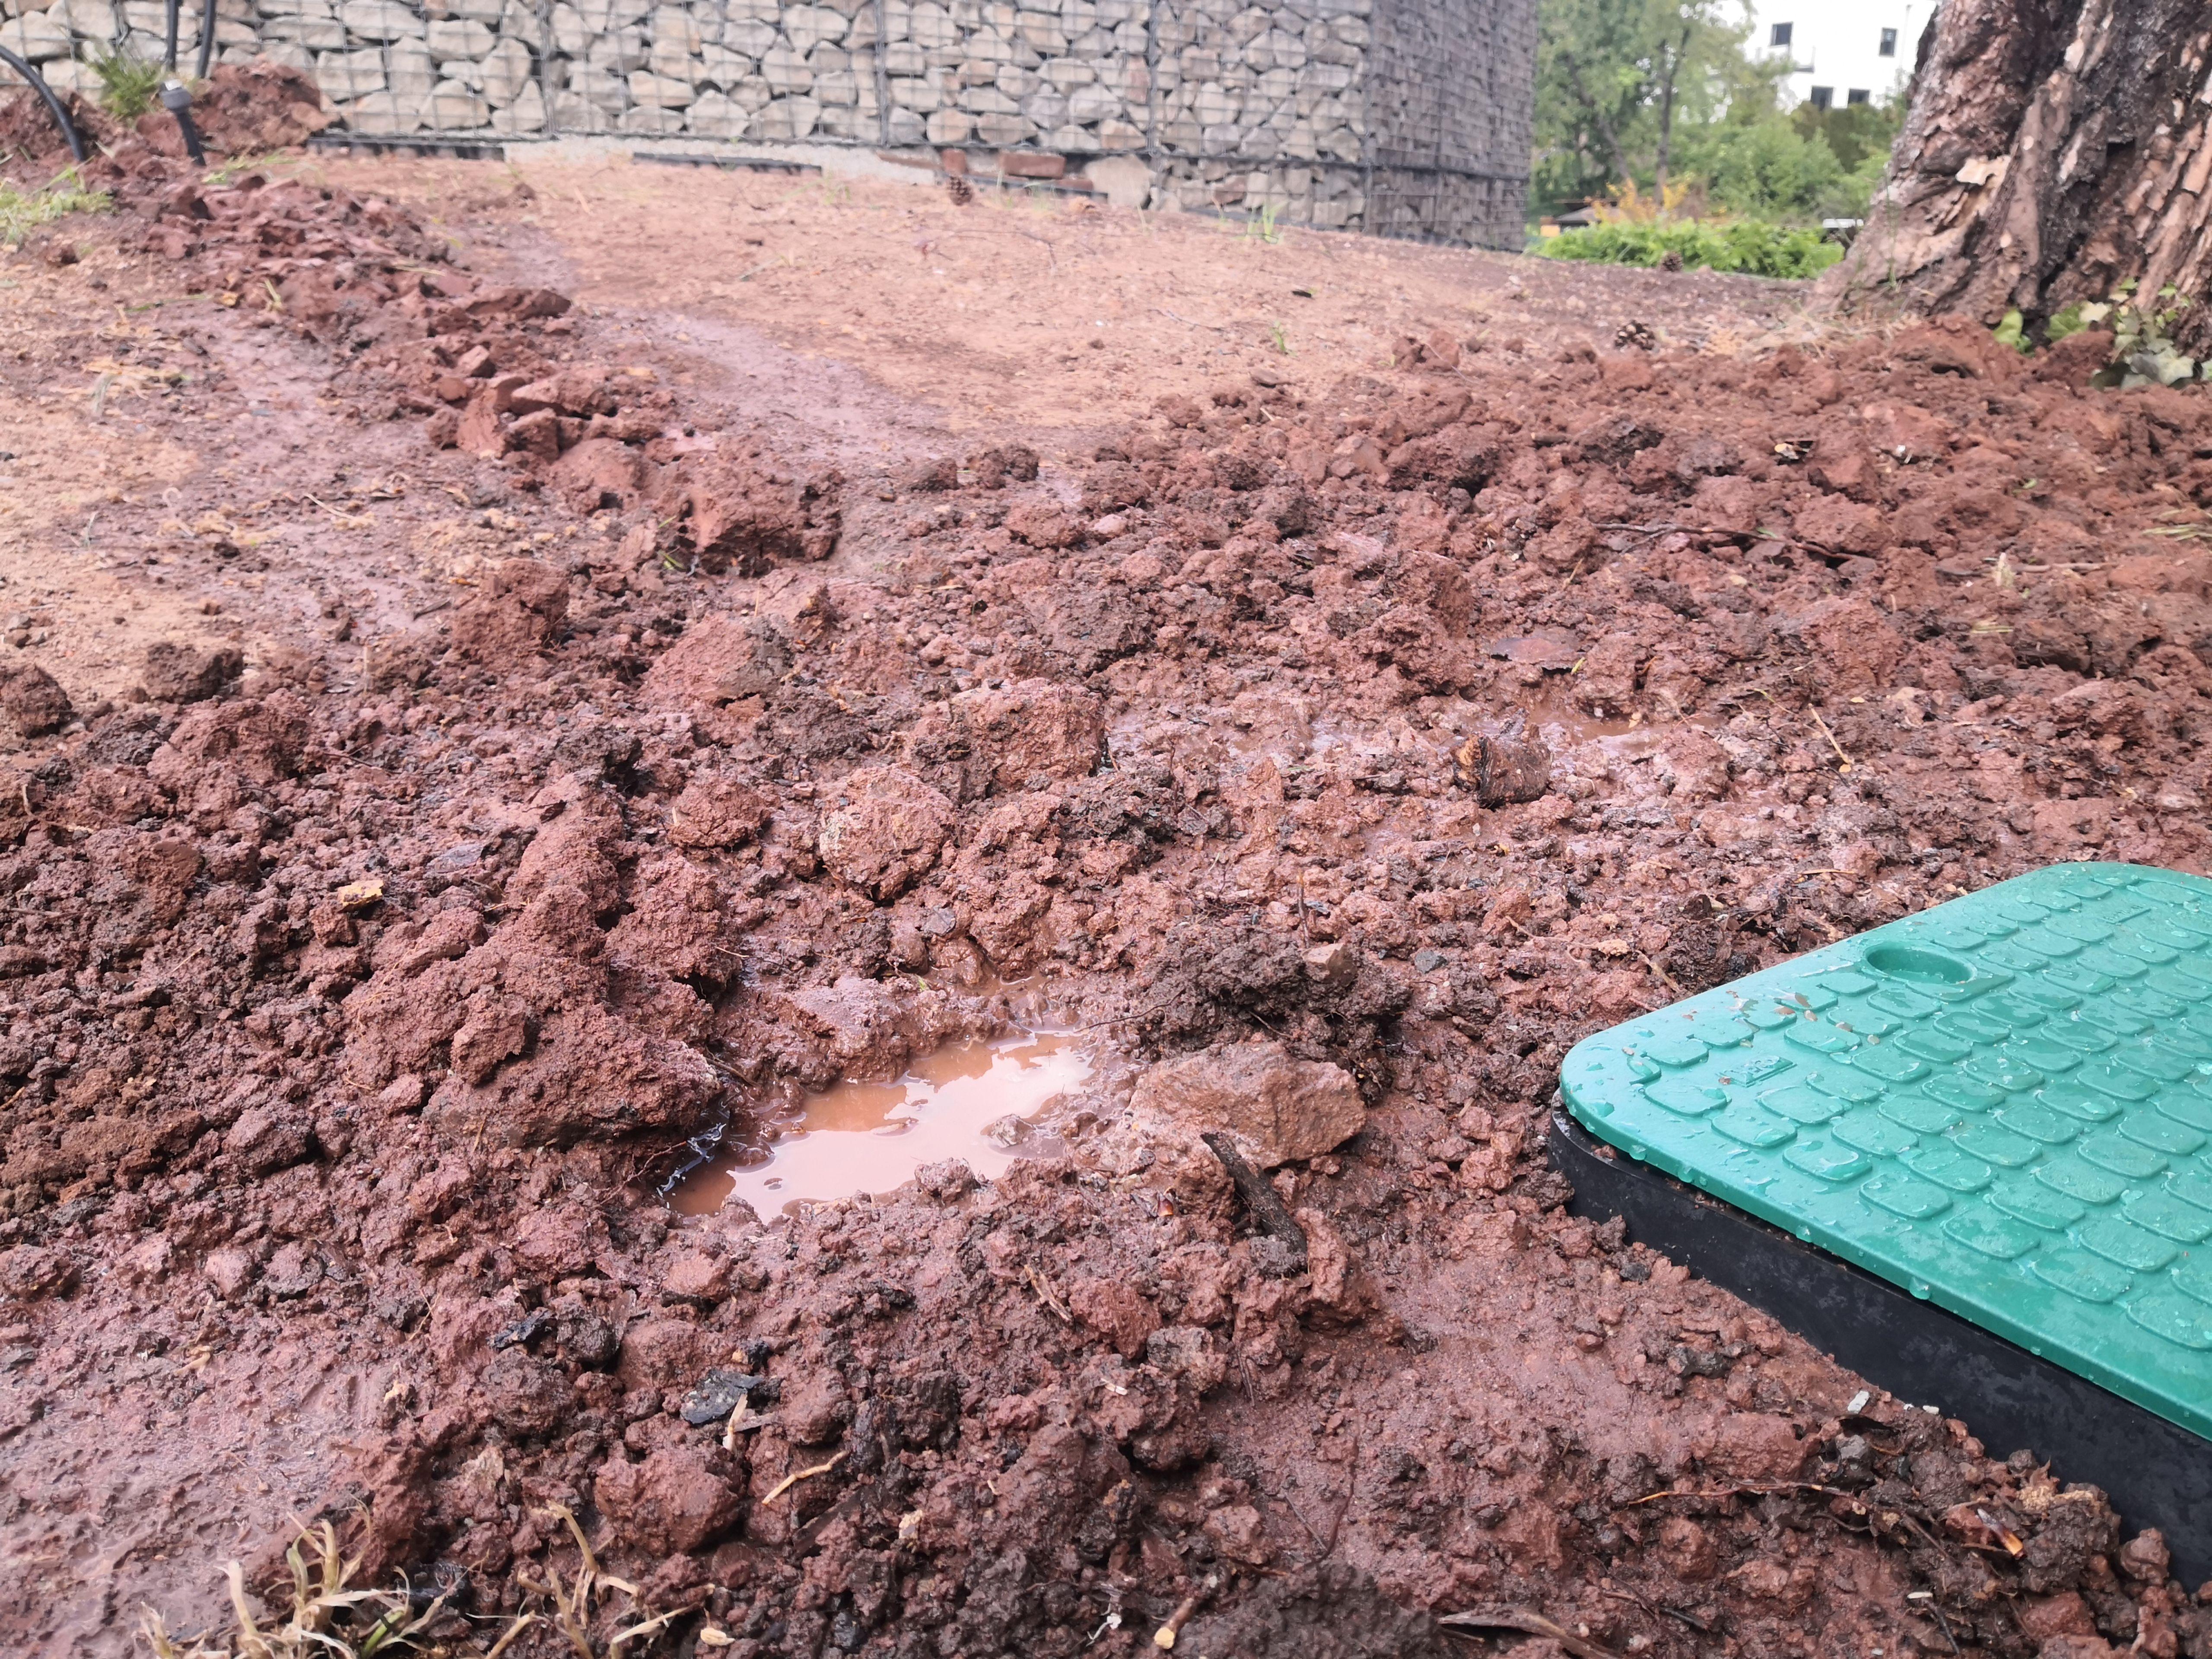 Automatische Heckenbewasserung Selber Bauen Vor Gut 10 Jahren Habe Ich Auf Der Sudseite Unseres Bewasserung Automatische Bewasserung Garten Bewasserungsanlage